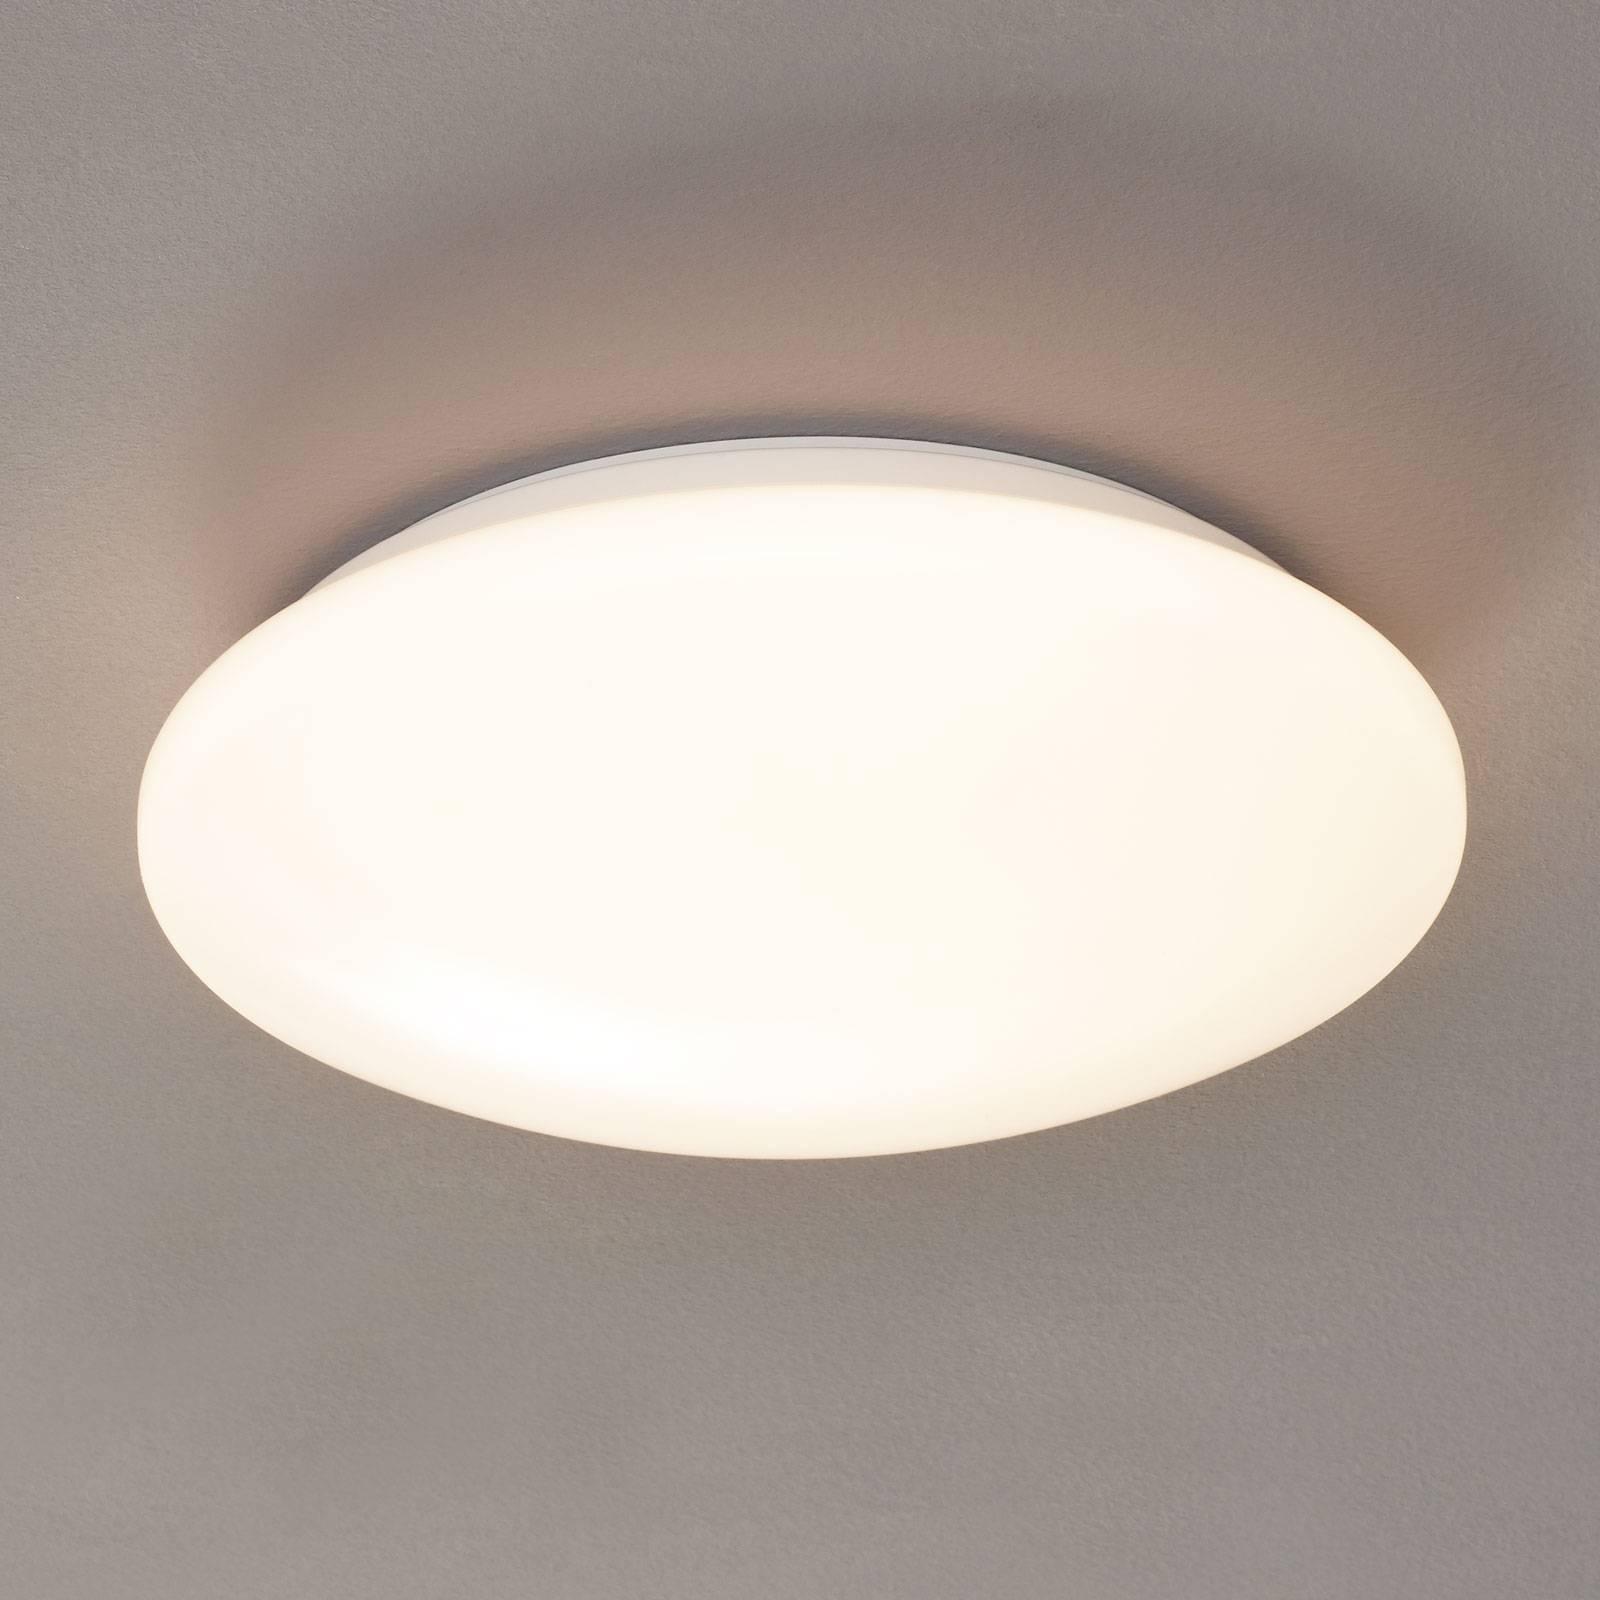 LED-Deckenleuchte Pollux, Bewegungsmelder, Ø 27 cm